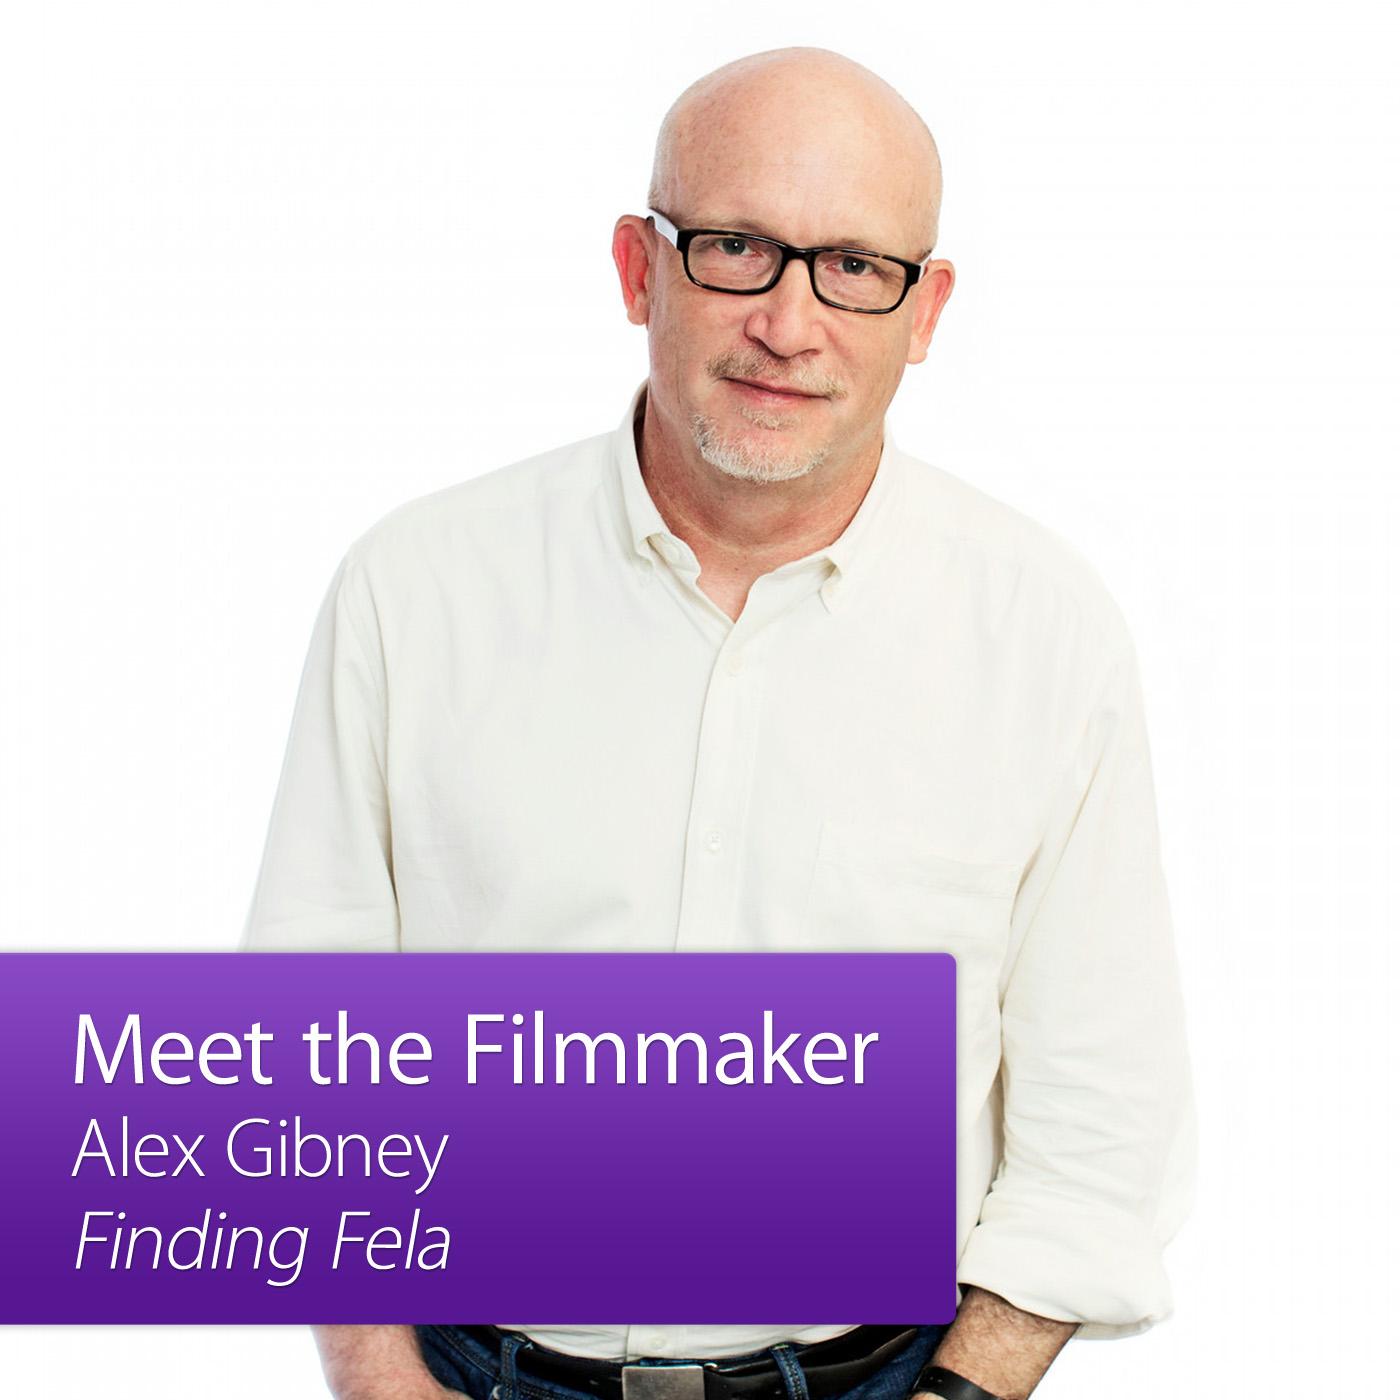 Alex Gibney, Finding Fela: Meet the Filmmaker